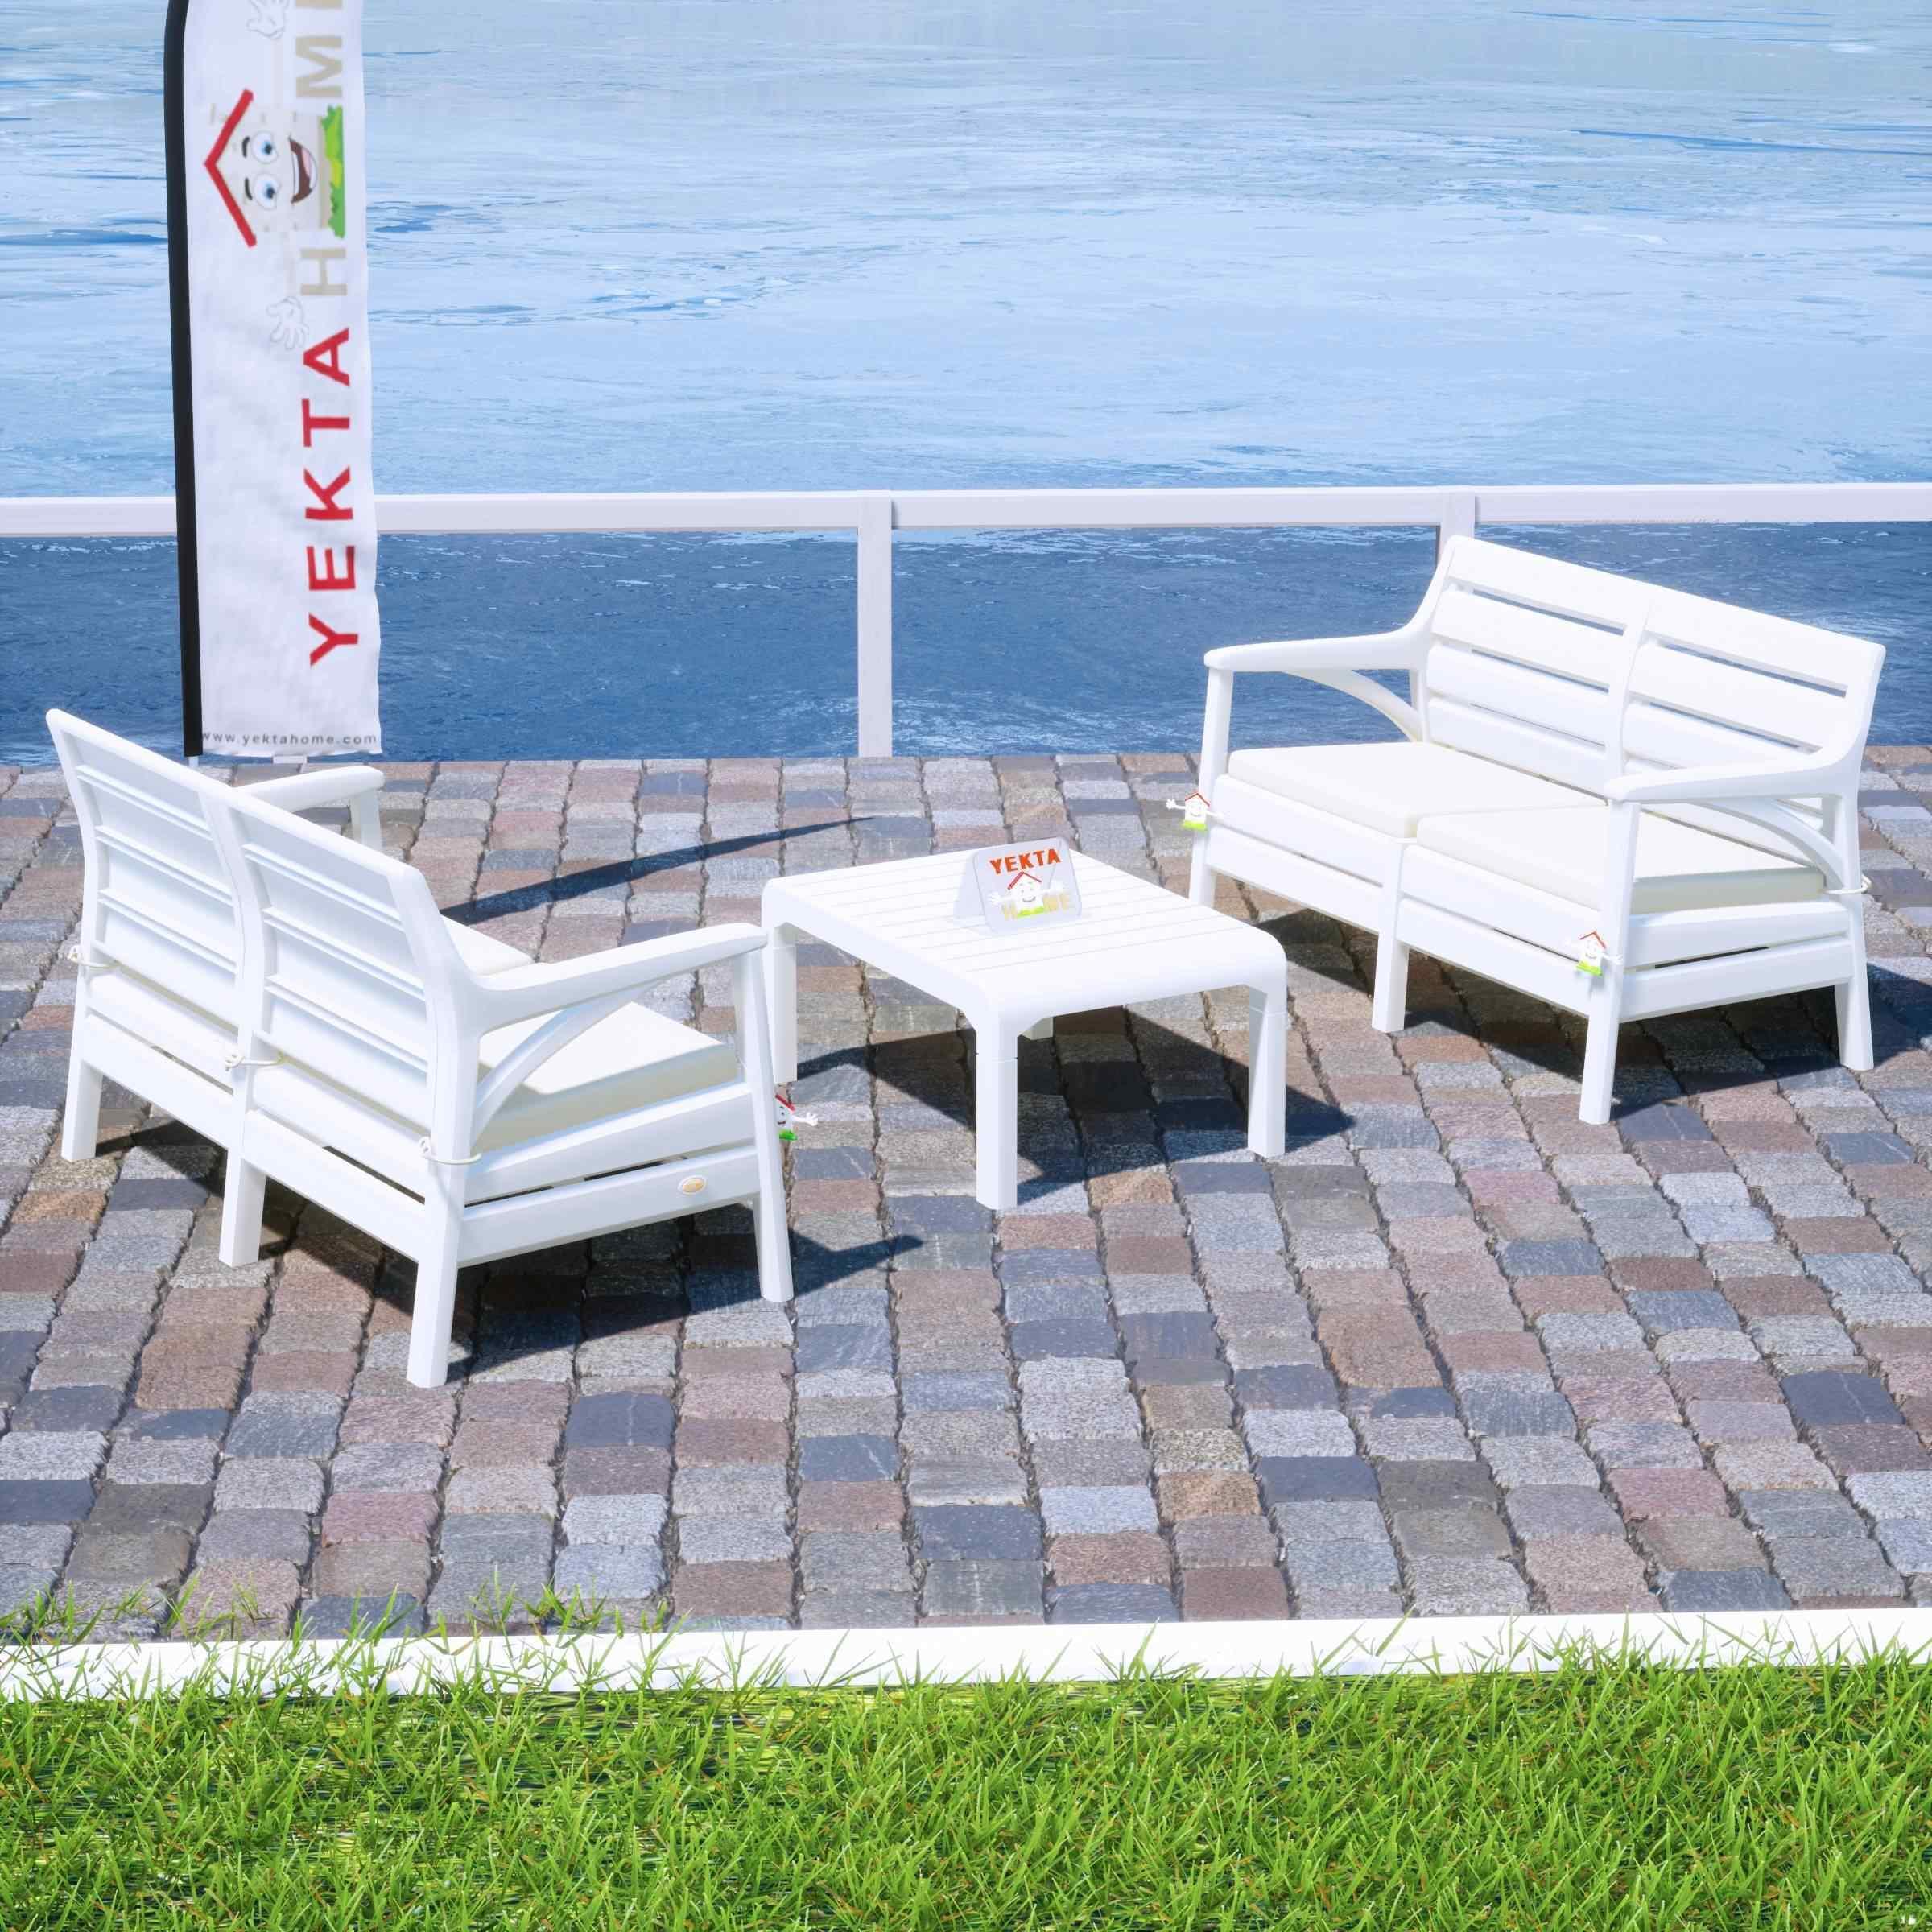 Holiday Torino Bahçe Takımı Oturma Grubu Balkon Seti Beyaz